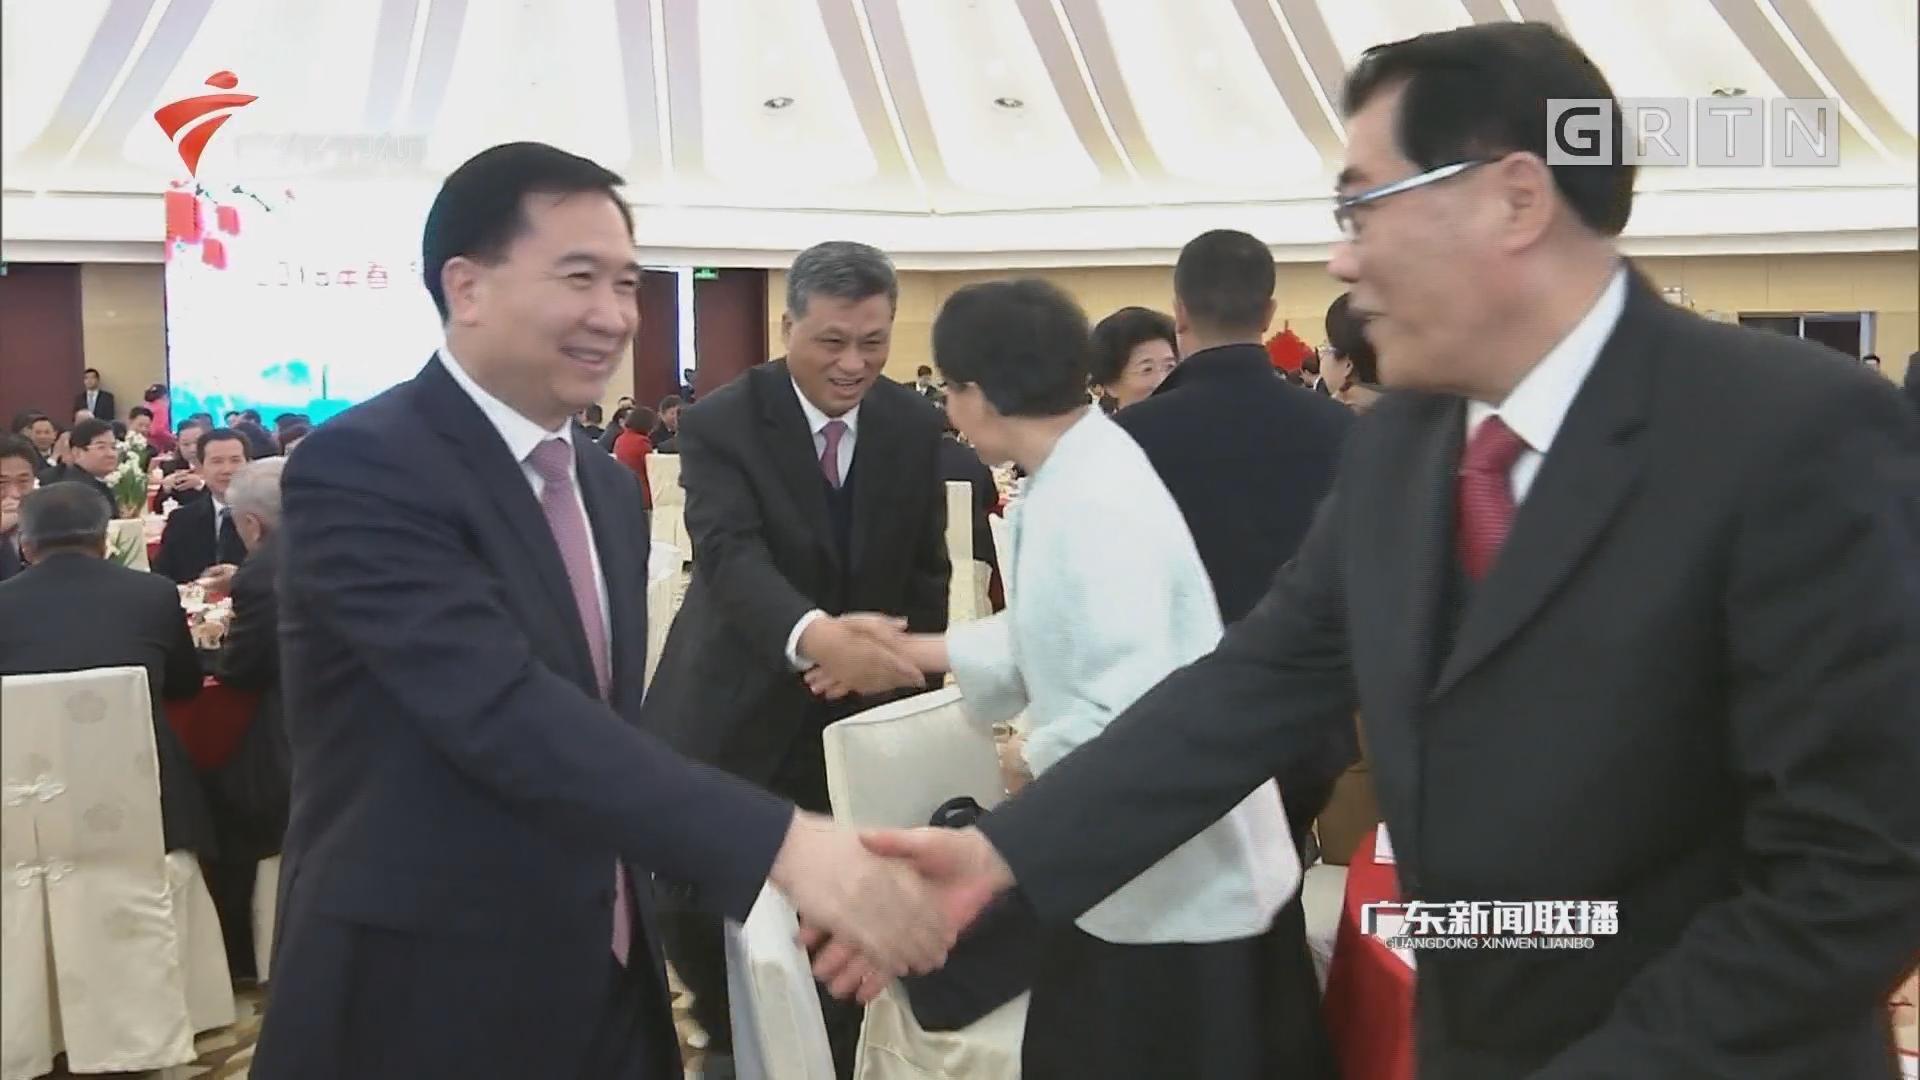 广东省春节团拜会在广州举行 李希马兴瑞李玉妹王荣出席